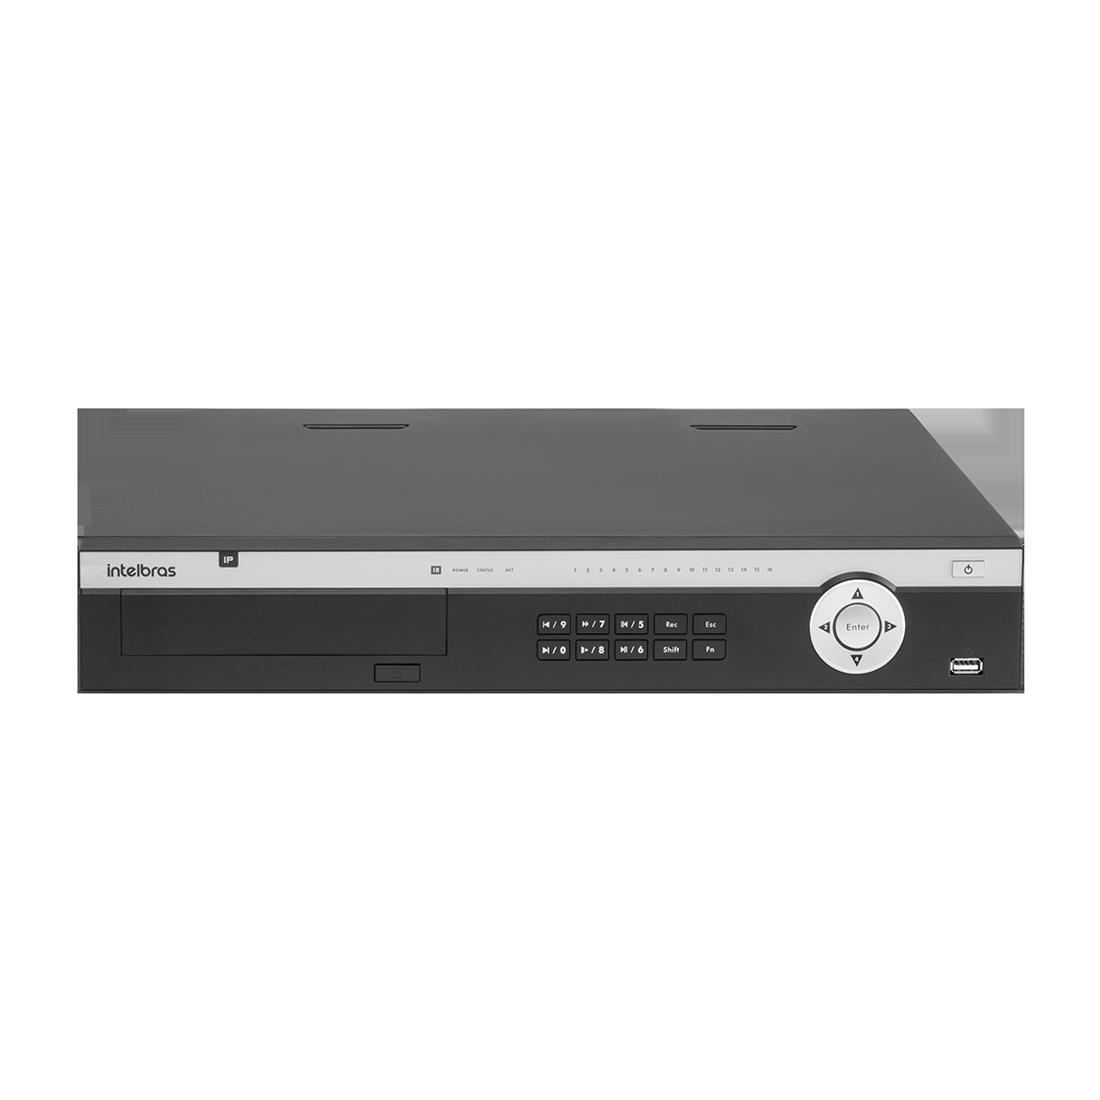 NVD 7132 C/ HD 3TB - GRAV. DIG. DE VÍDEO EM REDE PARA ATÉ 32 CANAIS IP EM FULL HD @ 30 FPS, INTELIGÊNCIA DE VIDEO EM TODOS OS CANAIS, H.265, SUPORTE PARA 8HDS E SUPORTA CÂMERAS COM RESOLUÇÃO 4K - PROD  - Sandercomp Virtual